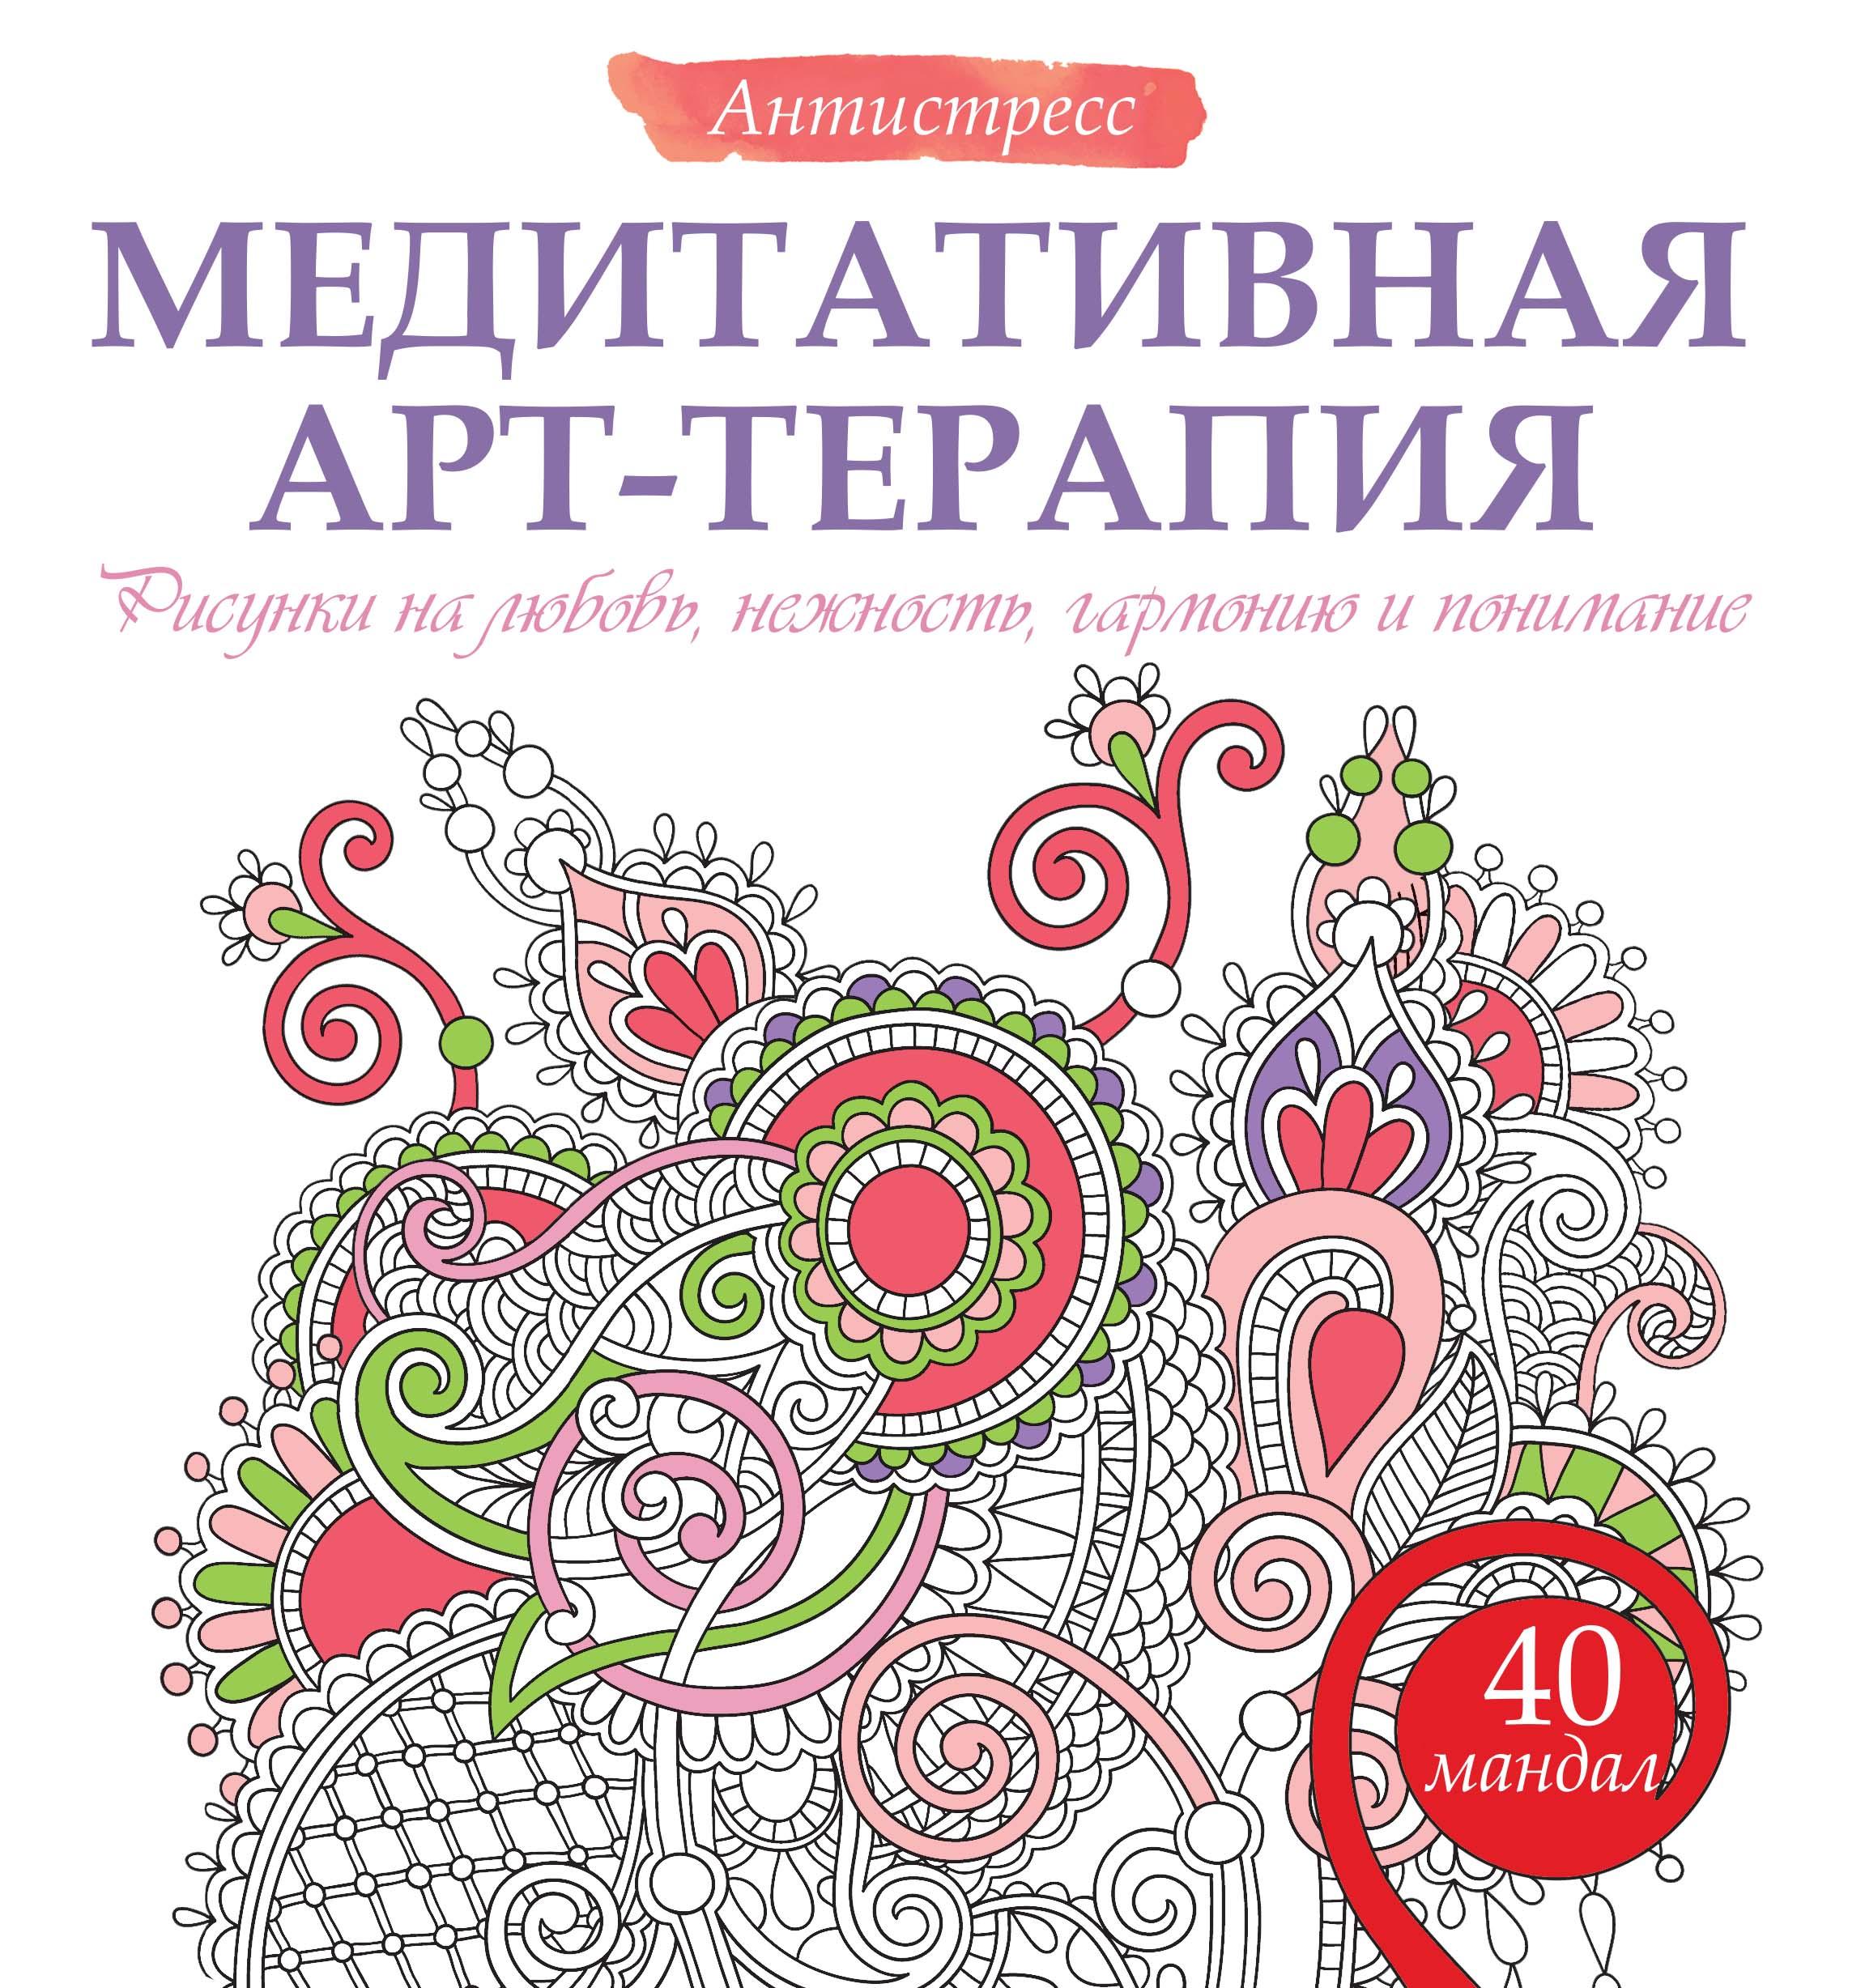 . Медитативная арт-терапия. Рисунки на любовь, нежность, гармонию и понимание жанна богданова медитативная арт терапия рисунки на любовь нежность гармонию и понимание